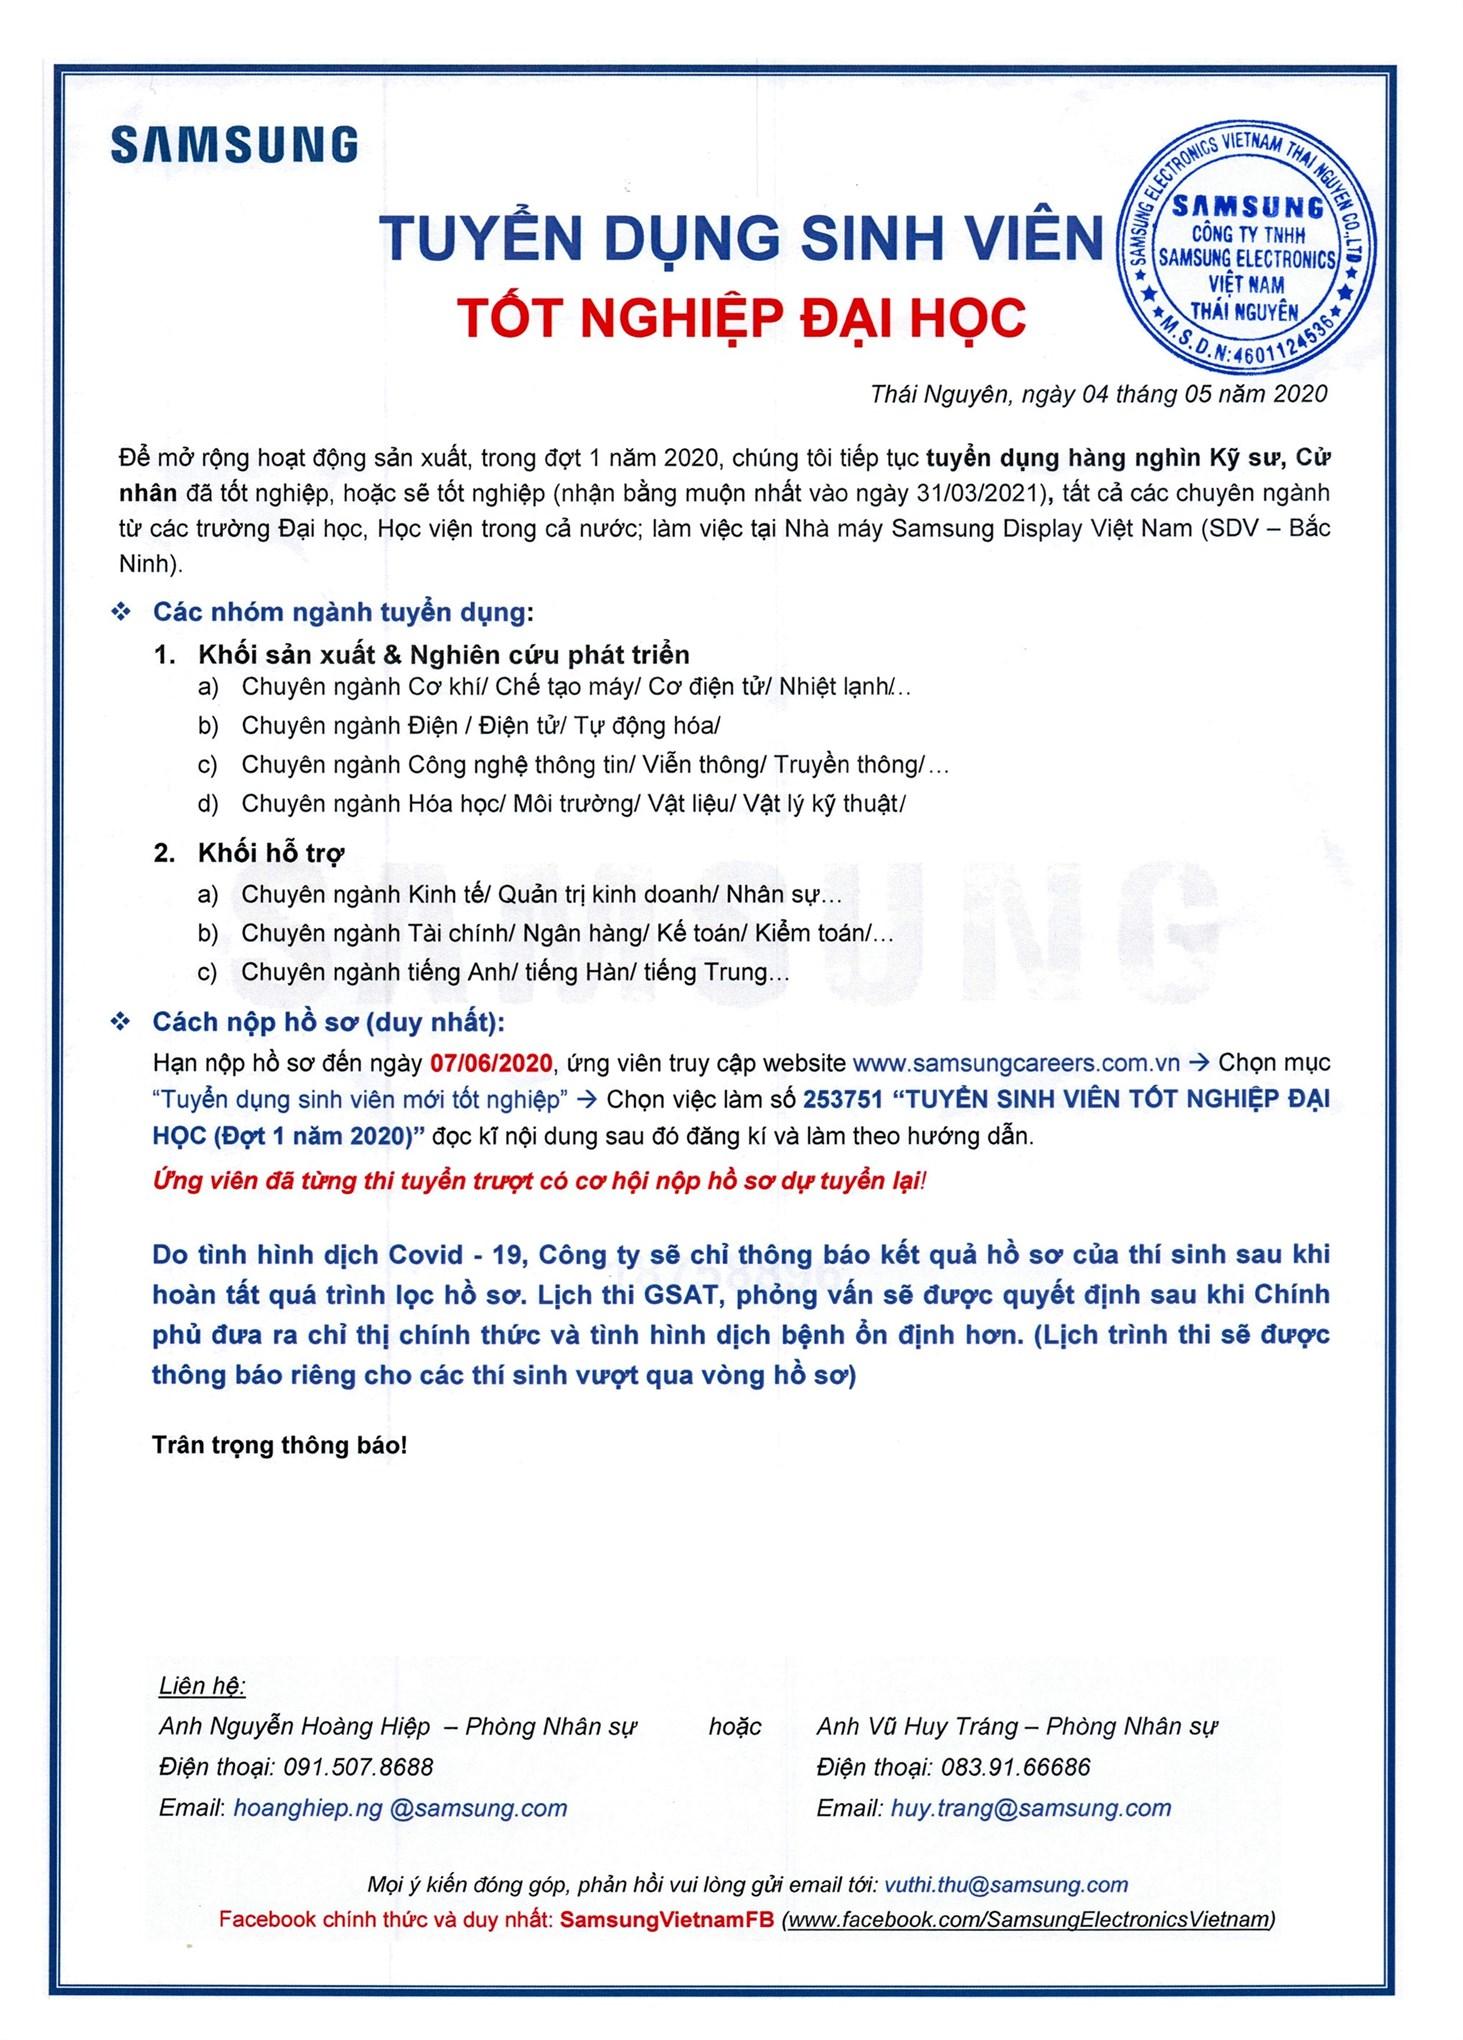 Hội thảo cơ hội việc làm tại Công ty TNHH Samsung Electronics Việt Nam